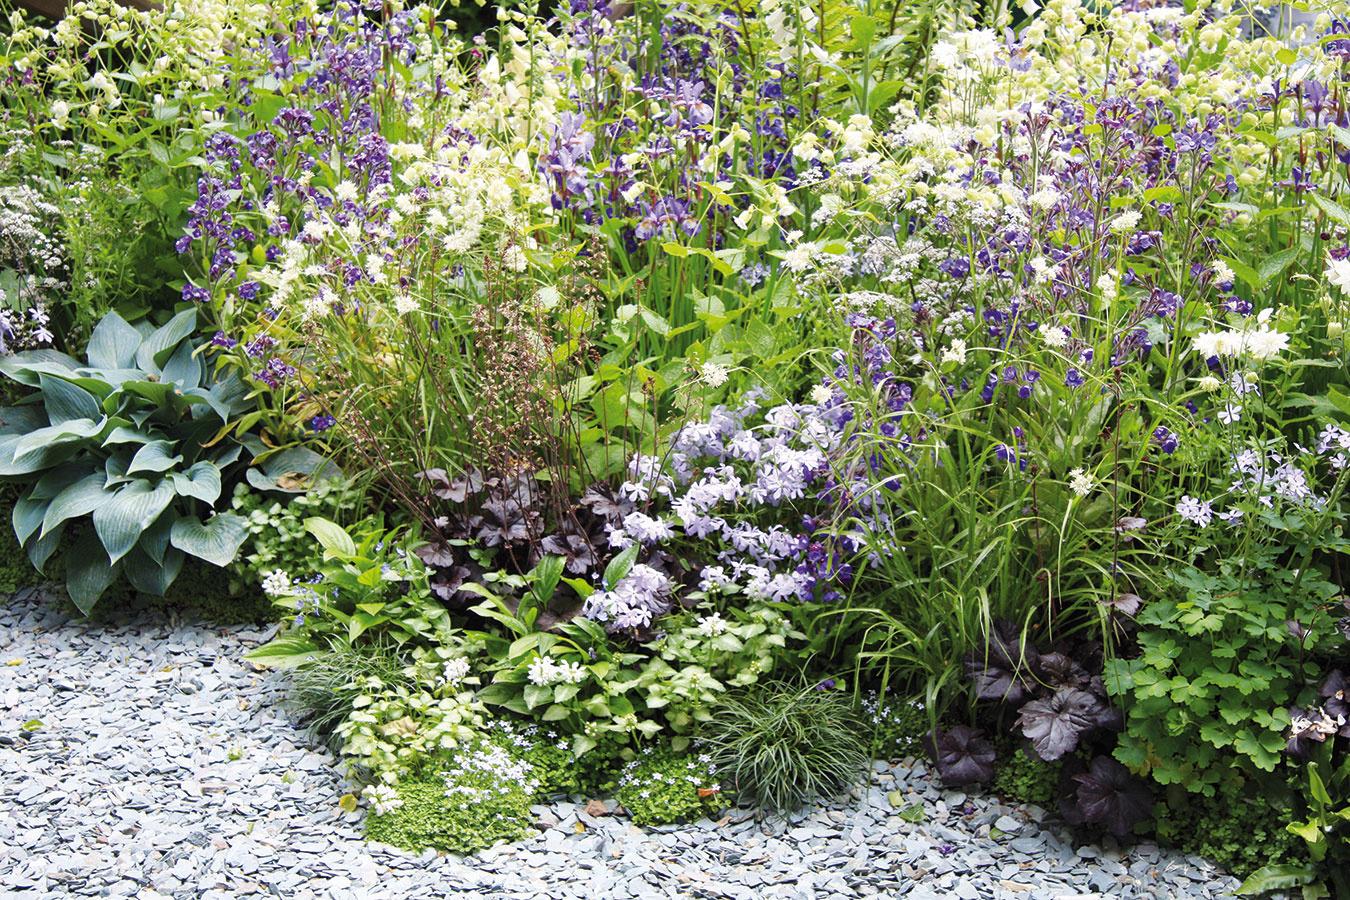 Štrk pôsobí ako prirodzená ochrana rastlín. Počas dňa kumuluje teplo avyžaruje ho do okolia, vďaka čomu pretrváva do nočných hodín. Rastliny tak podporuje vrýchlejšom raste azároveň chráni ich korene pred teplotnými výkyvmi akrčky pred napadnutím škodcami aochoreniami. Štrk zároveň zabraňuje premokreniu záhonov, ateda zahnívaniu koreňov vysadených druhov. Takúto výsadbu nemajú vobľube slimáky ašancu tu nemá ani burina. Veľkým plusom štrkových záhonov je aj to, že sa vpôde okolo výsadby udržiava optimálny počet užitočných mikroorganizmov.